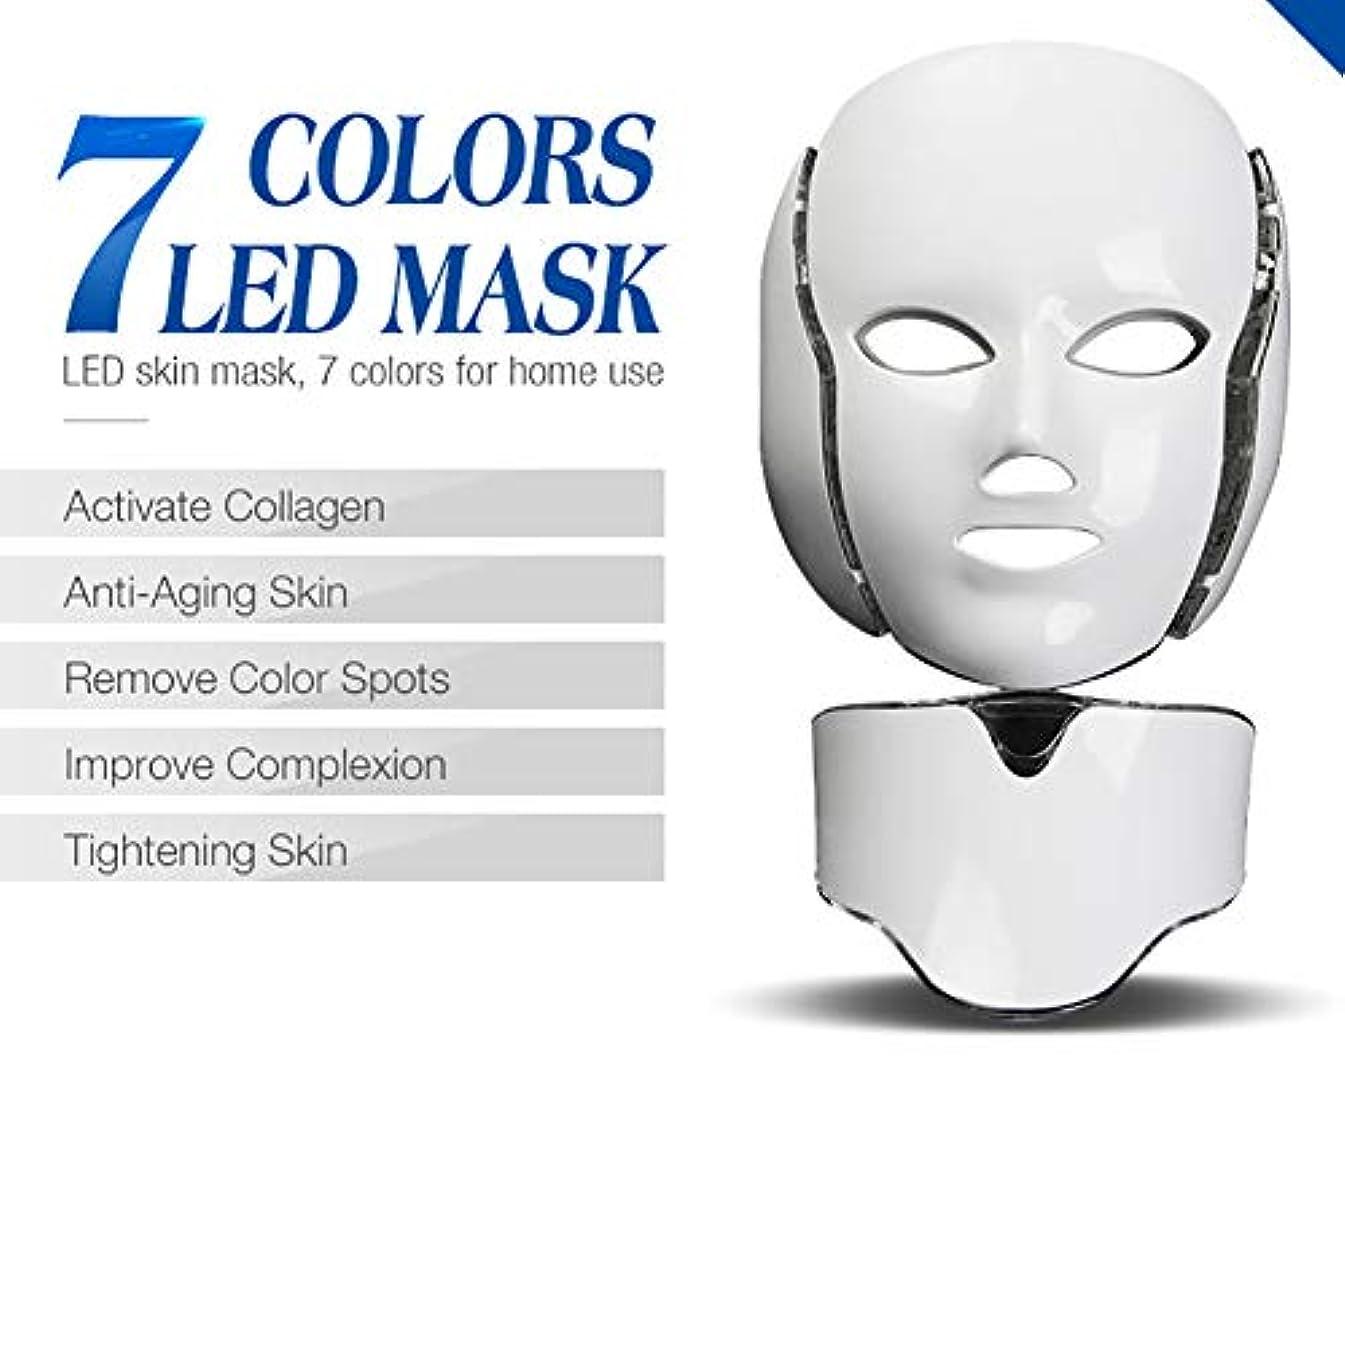 遠近法長さ代理店7色ledフェイスマスク、7色電気ledフェイシャルマスク付きネック肌の若返り抗にきびシワ美容トリートメントサロンホームユース